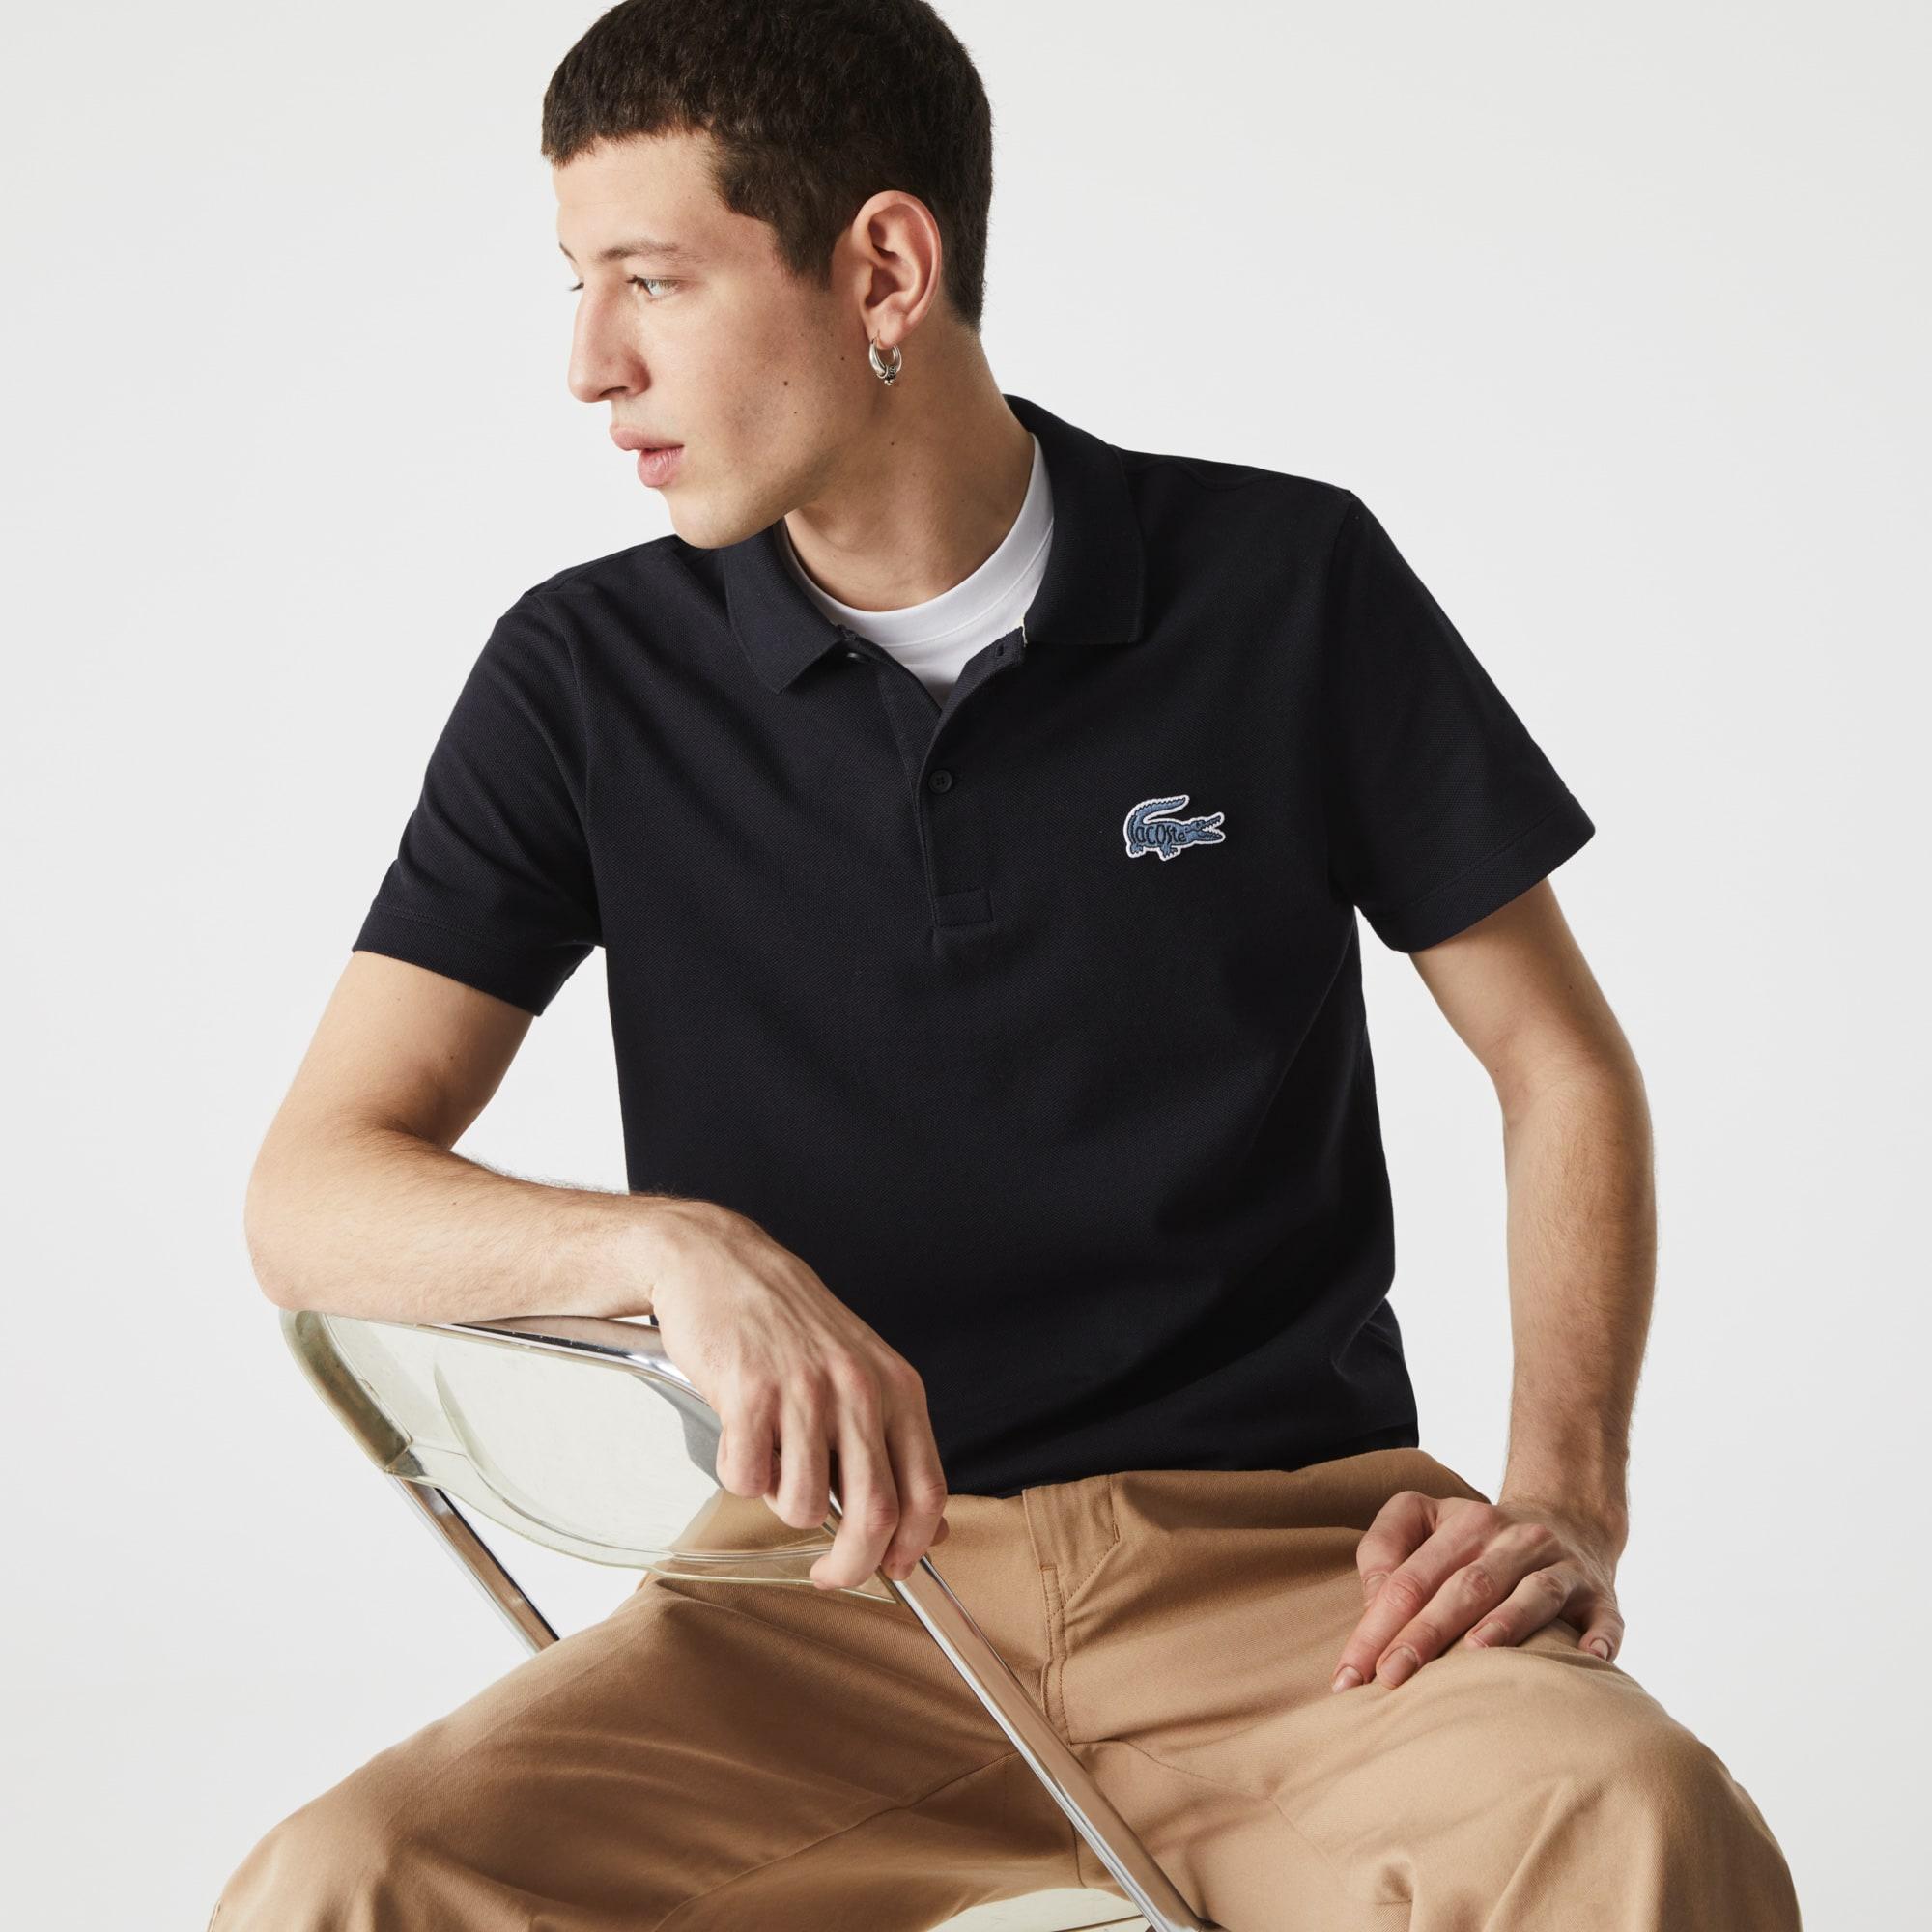 قميص بولو من بيكيه القطن للرجال بقصة عادية وشارة